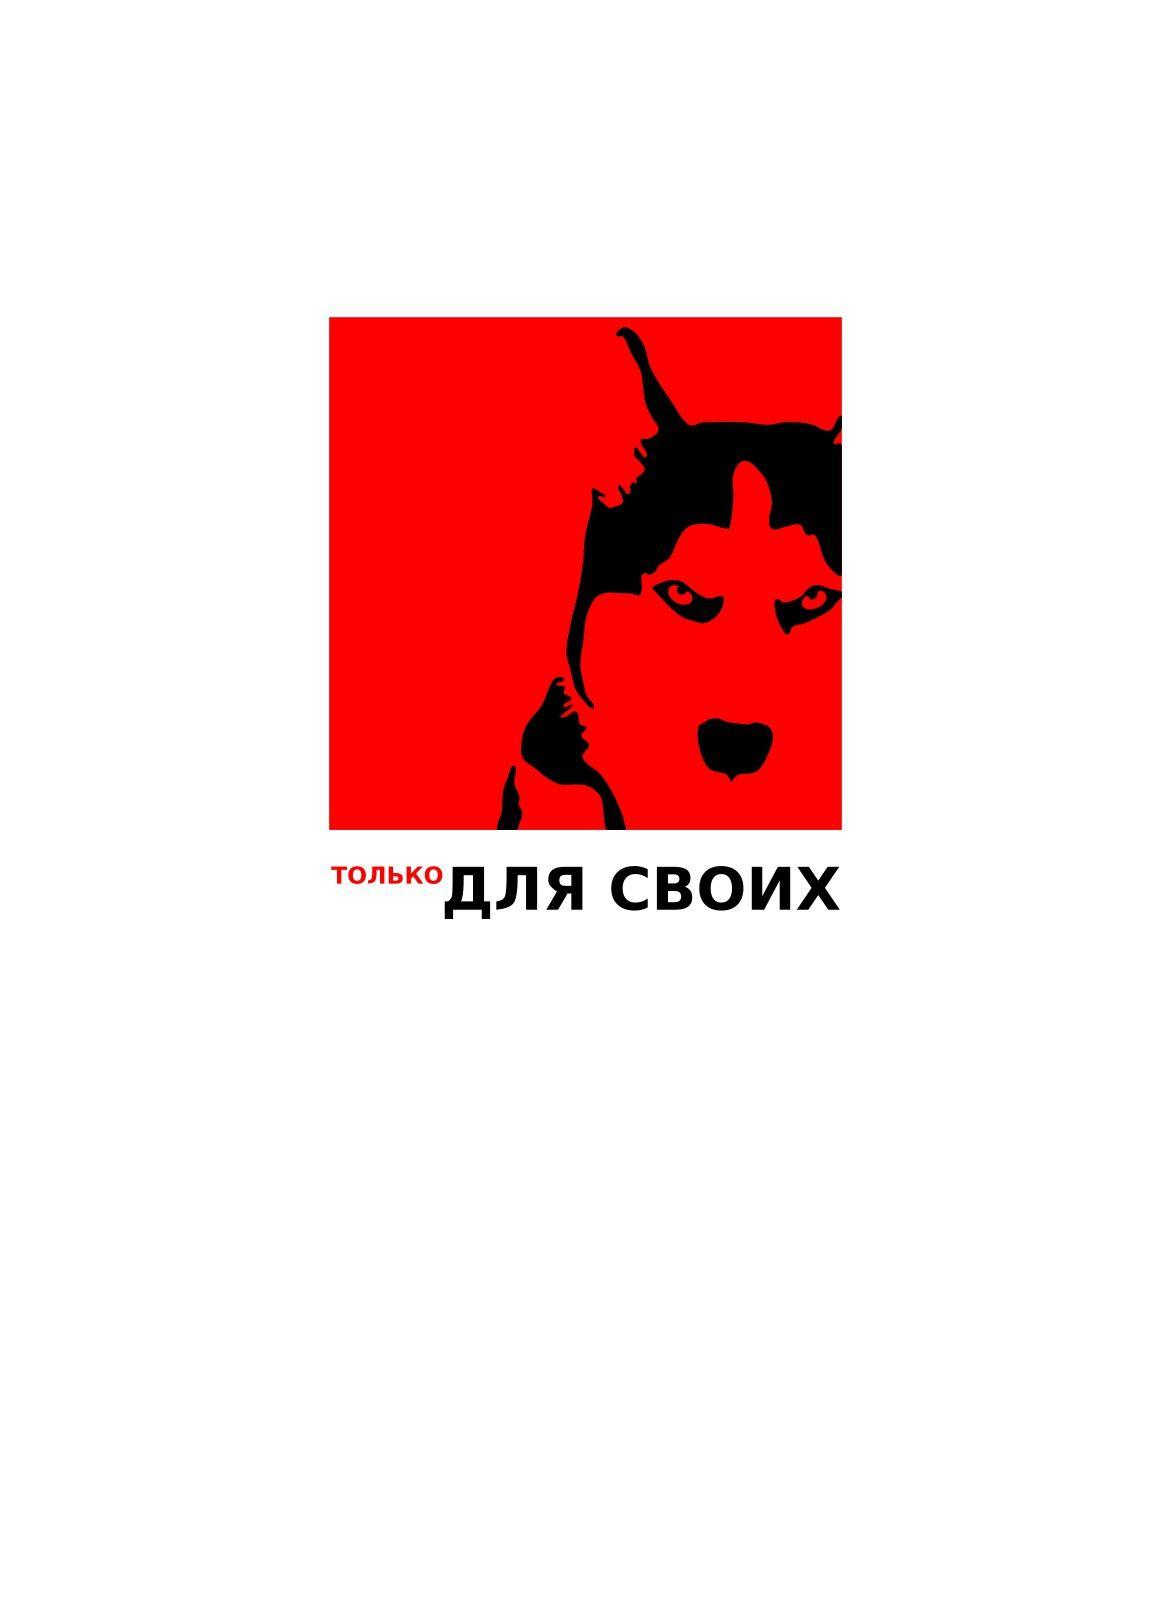 Логотип для интернет магазина зоотоваров - дизайнер Yatush